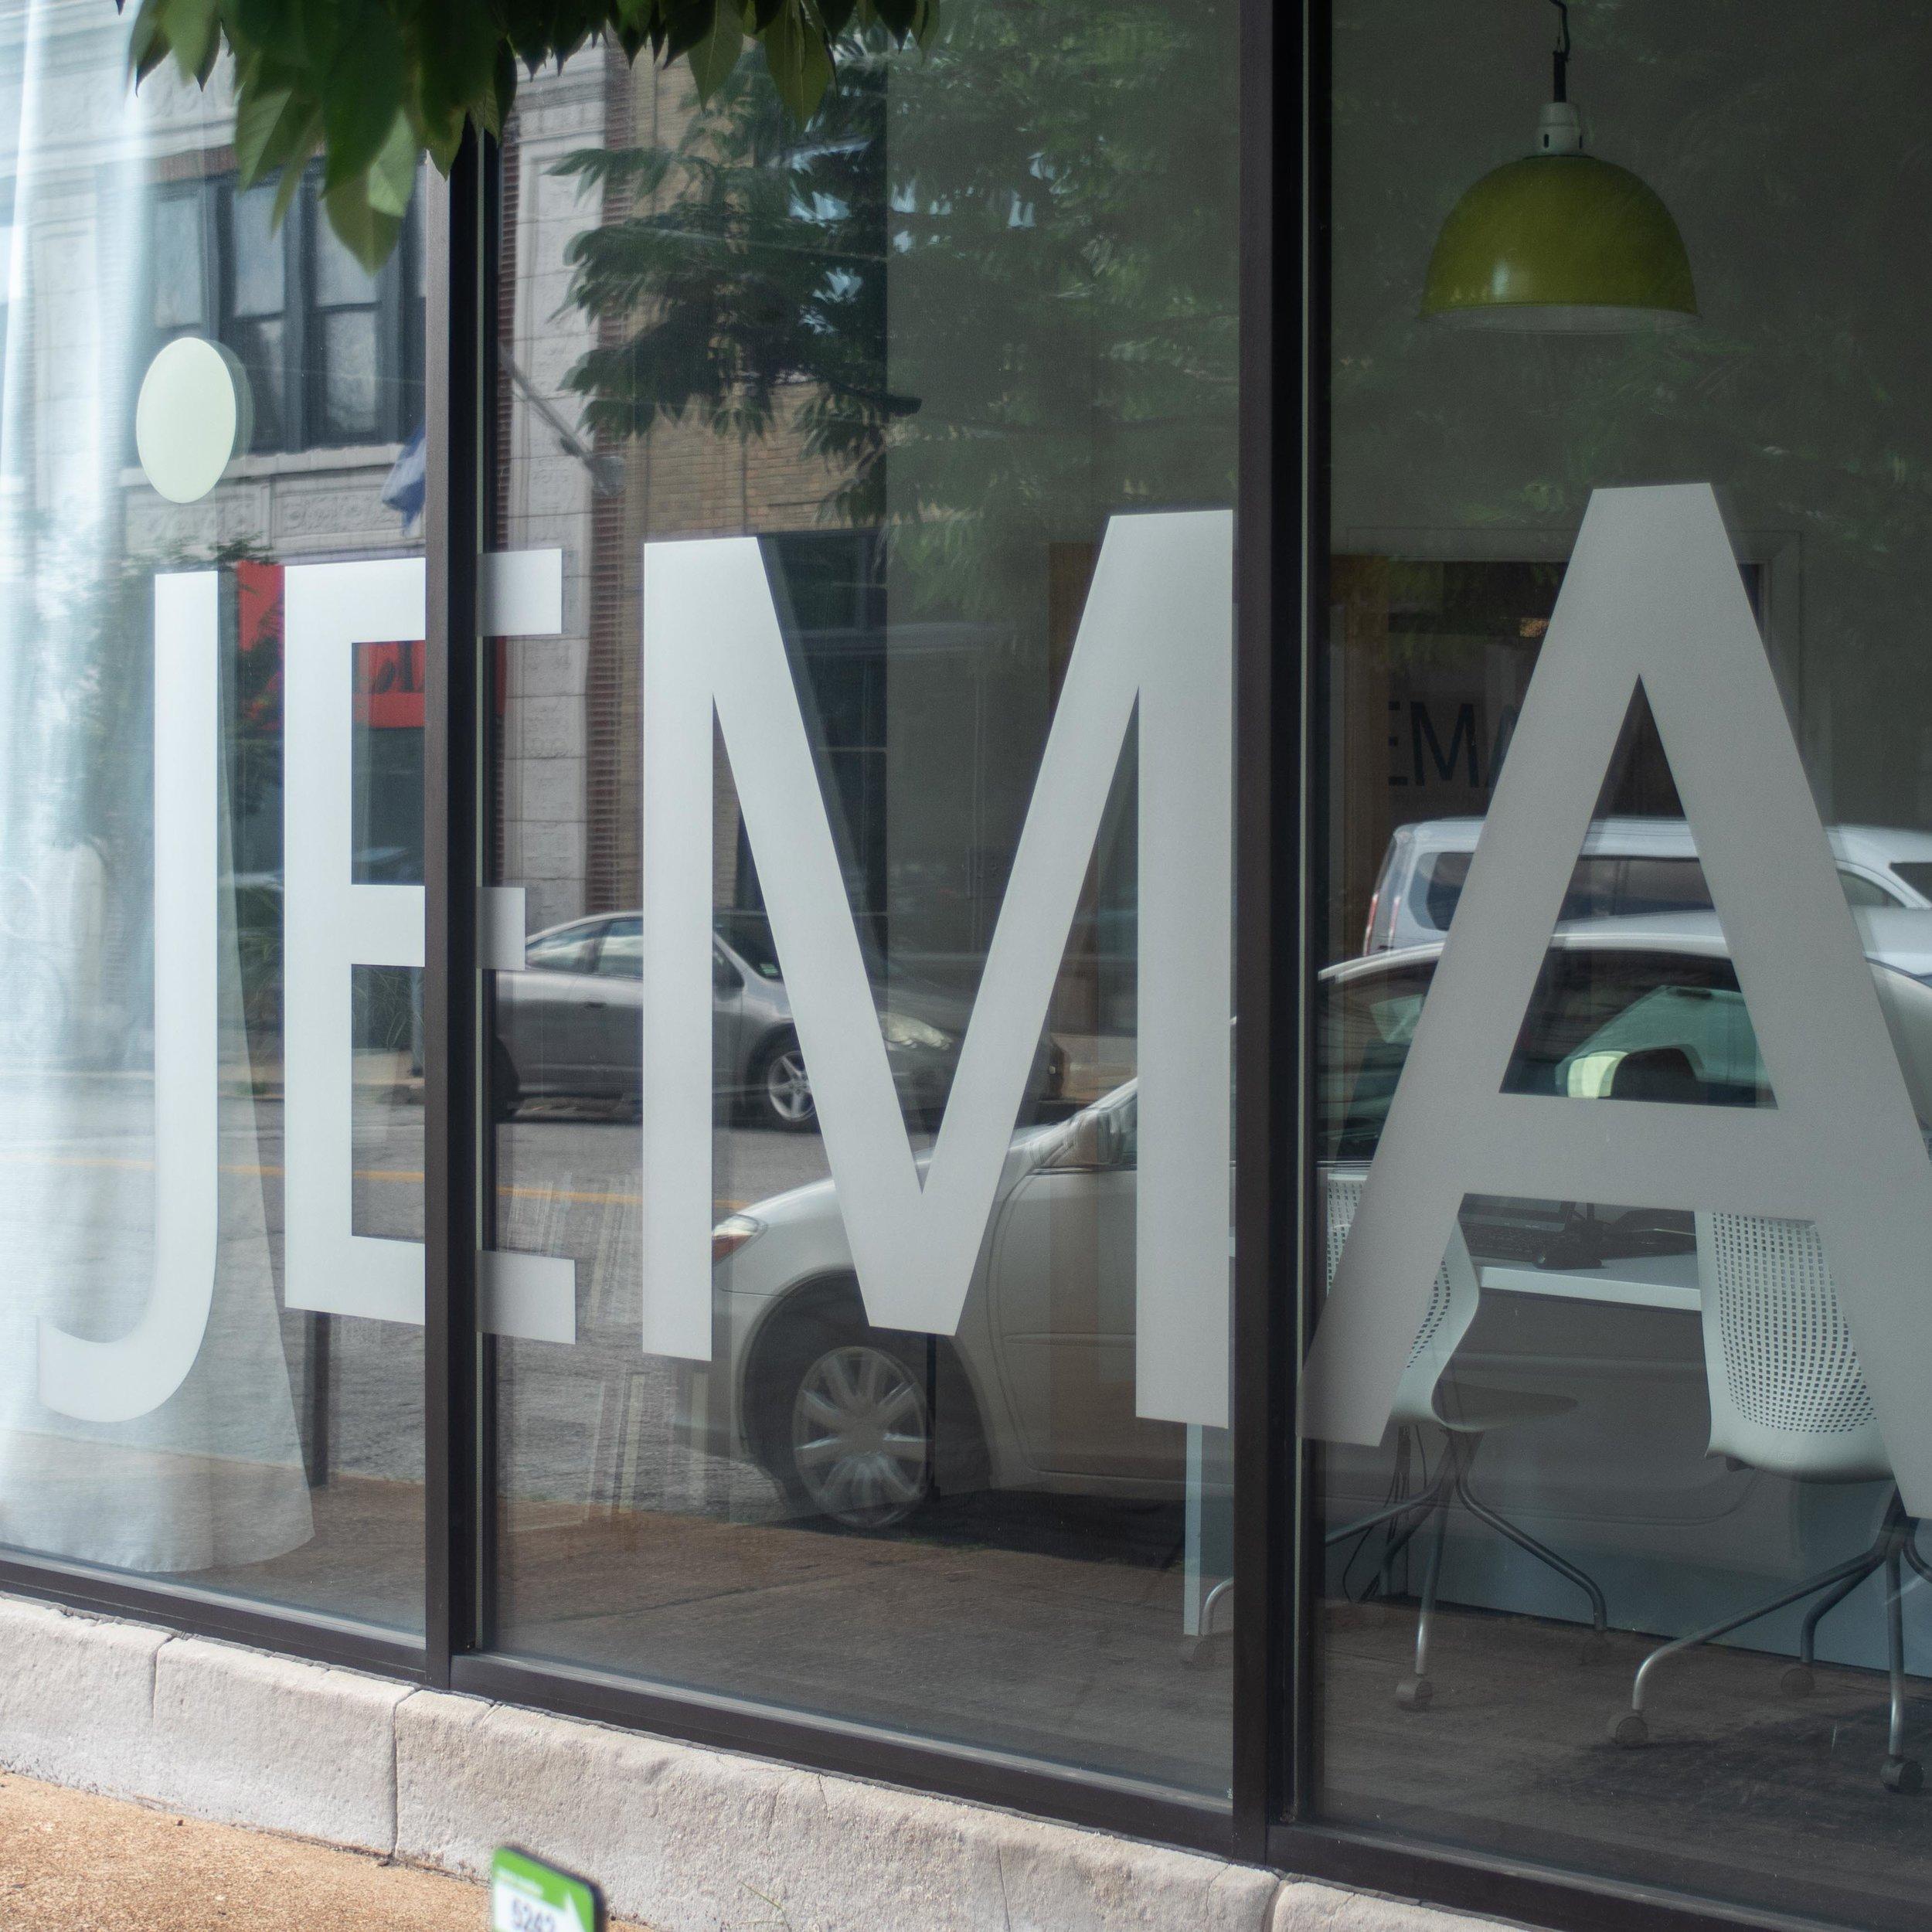 jema-1.jpg